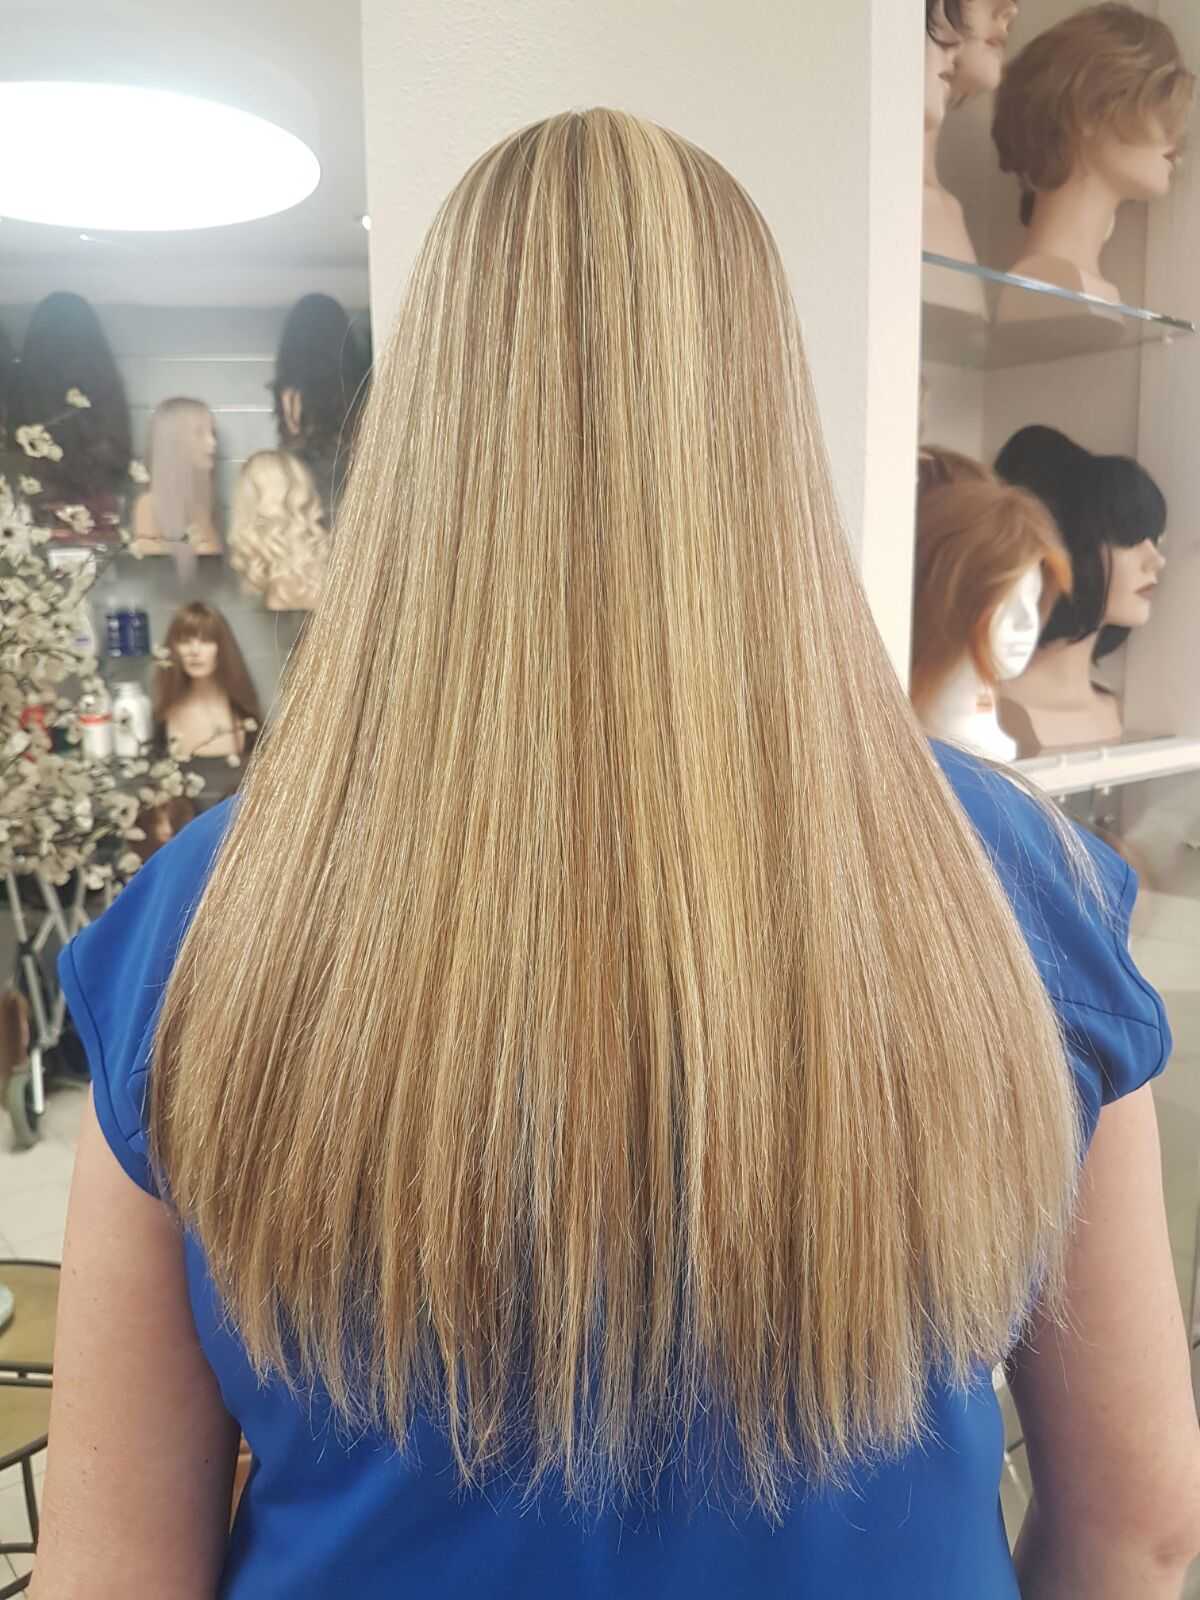 תוספות שיער בקליפסים – השיטה הבריאה לתוספות שיער